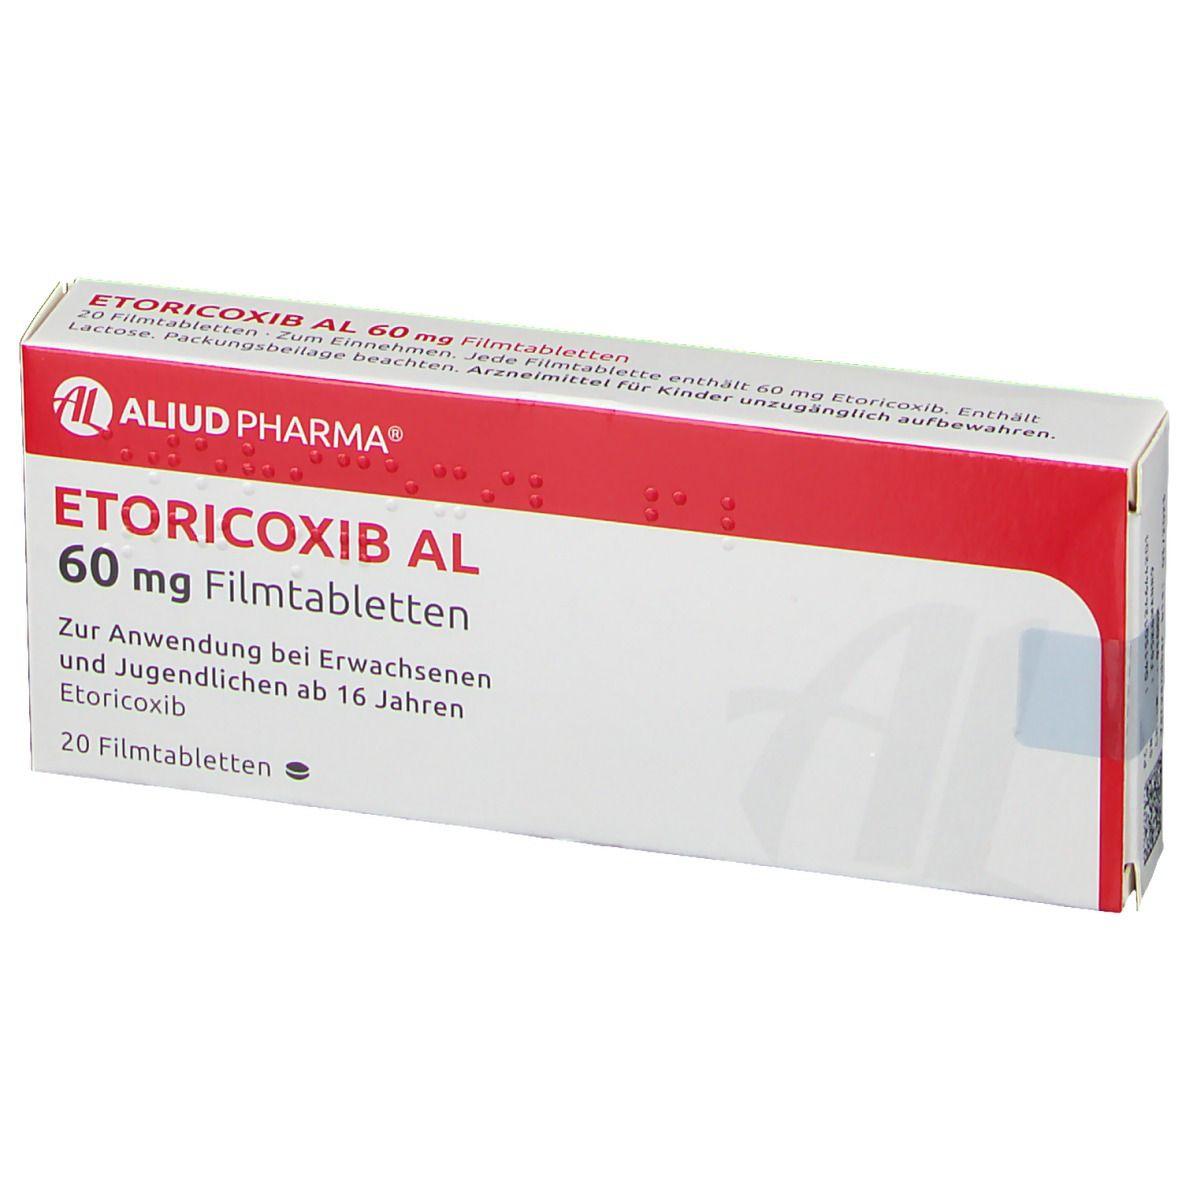 ETORICOXIB AL 60 mg Filmtabletten